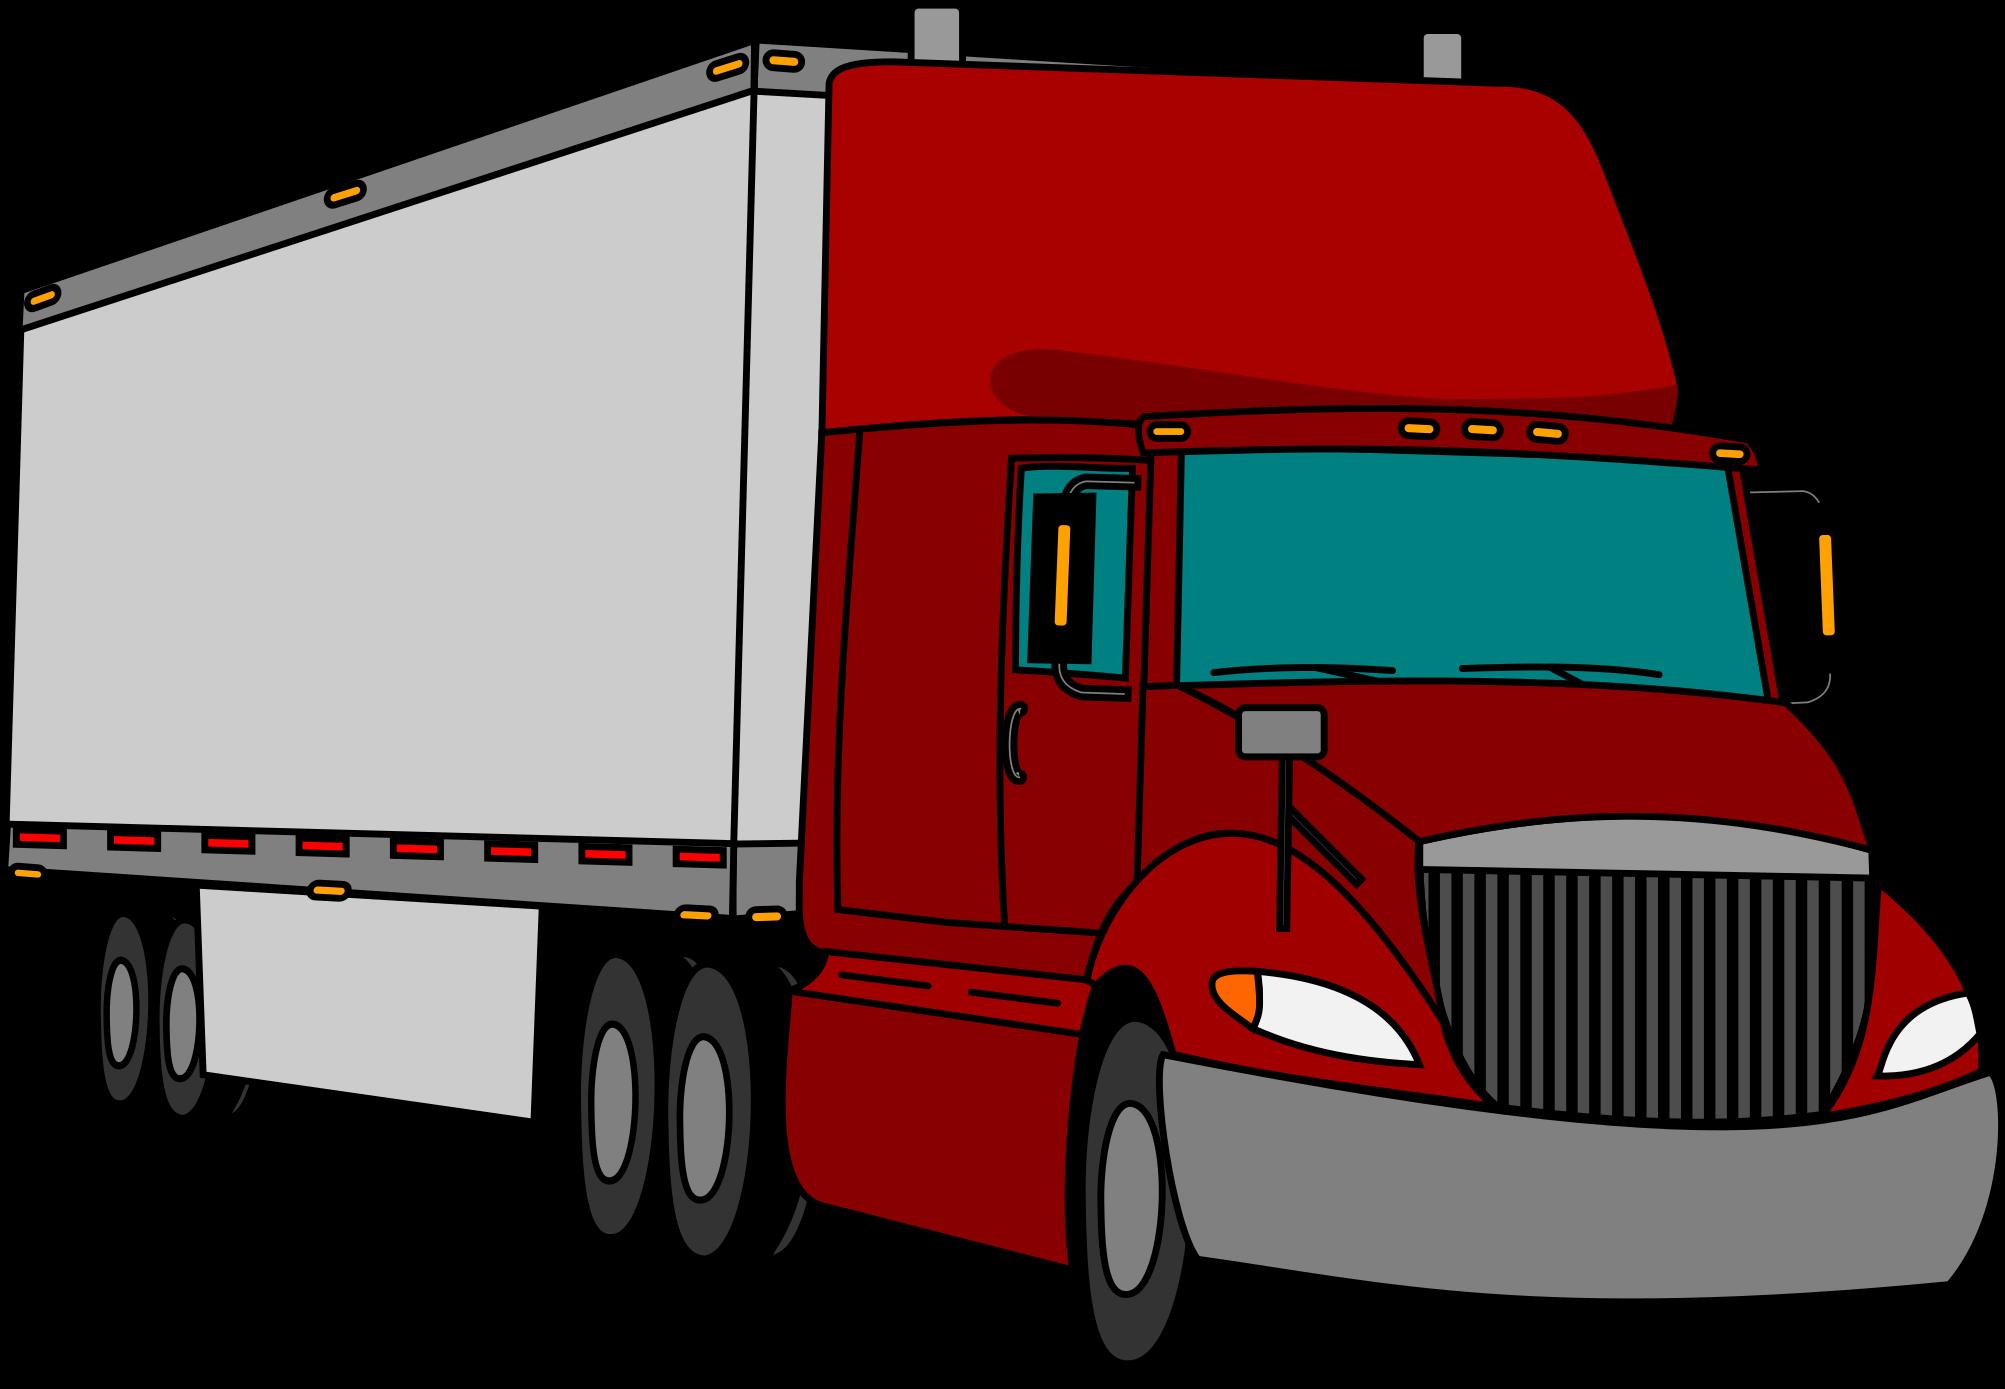 Картинки с грузовыми машинами для презентации